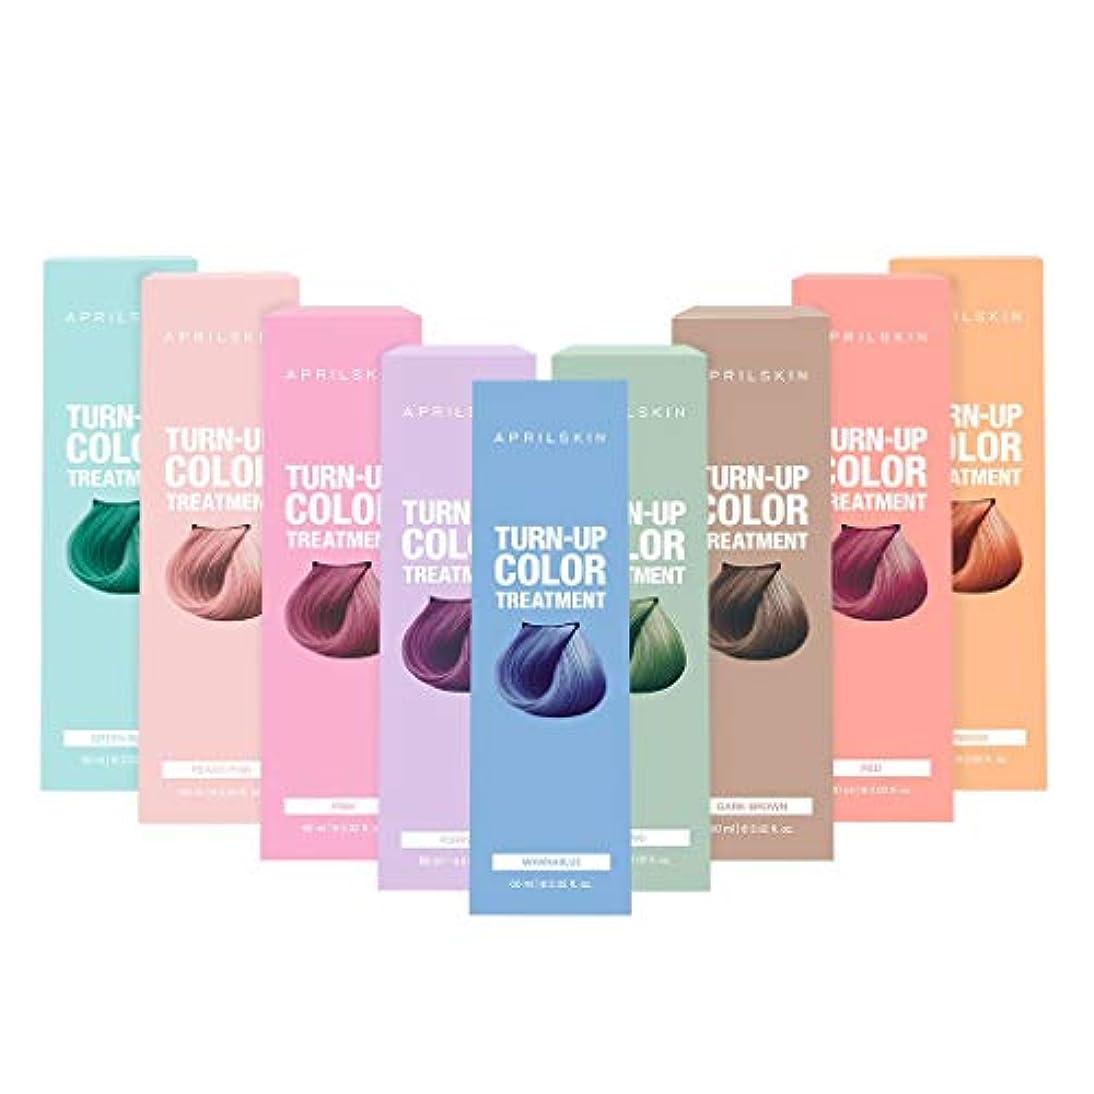 スパイ略語伸ばすApril Skin(エイプリルスキン) ターンアップカラー トリートメント Ash Violet(アッシュバイオレット) Set(Peach Pink + Orange + Green Blue) /Turn up Color...